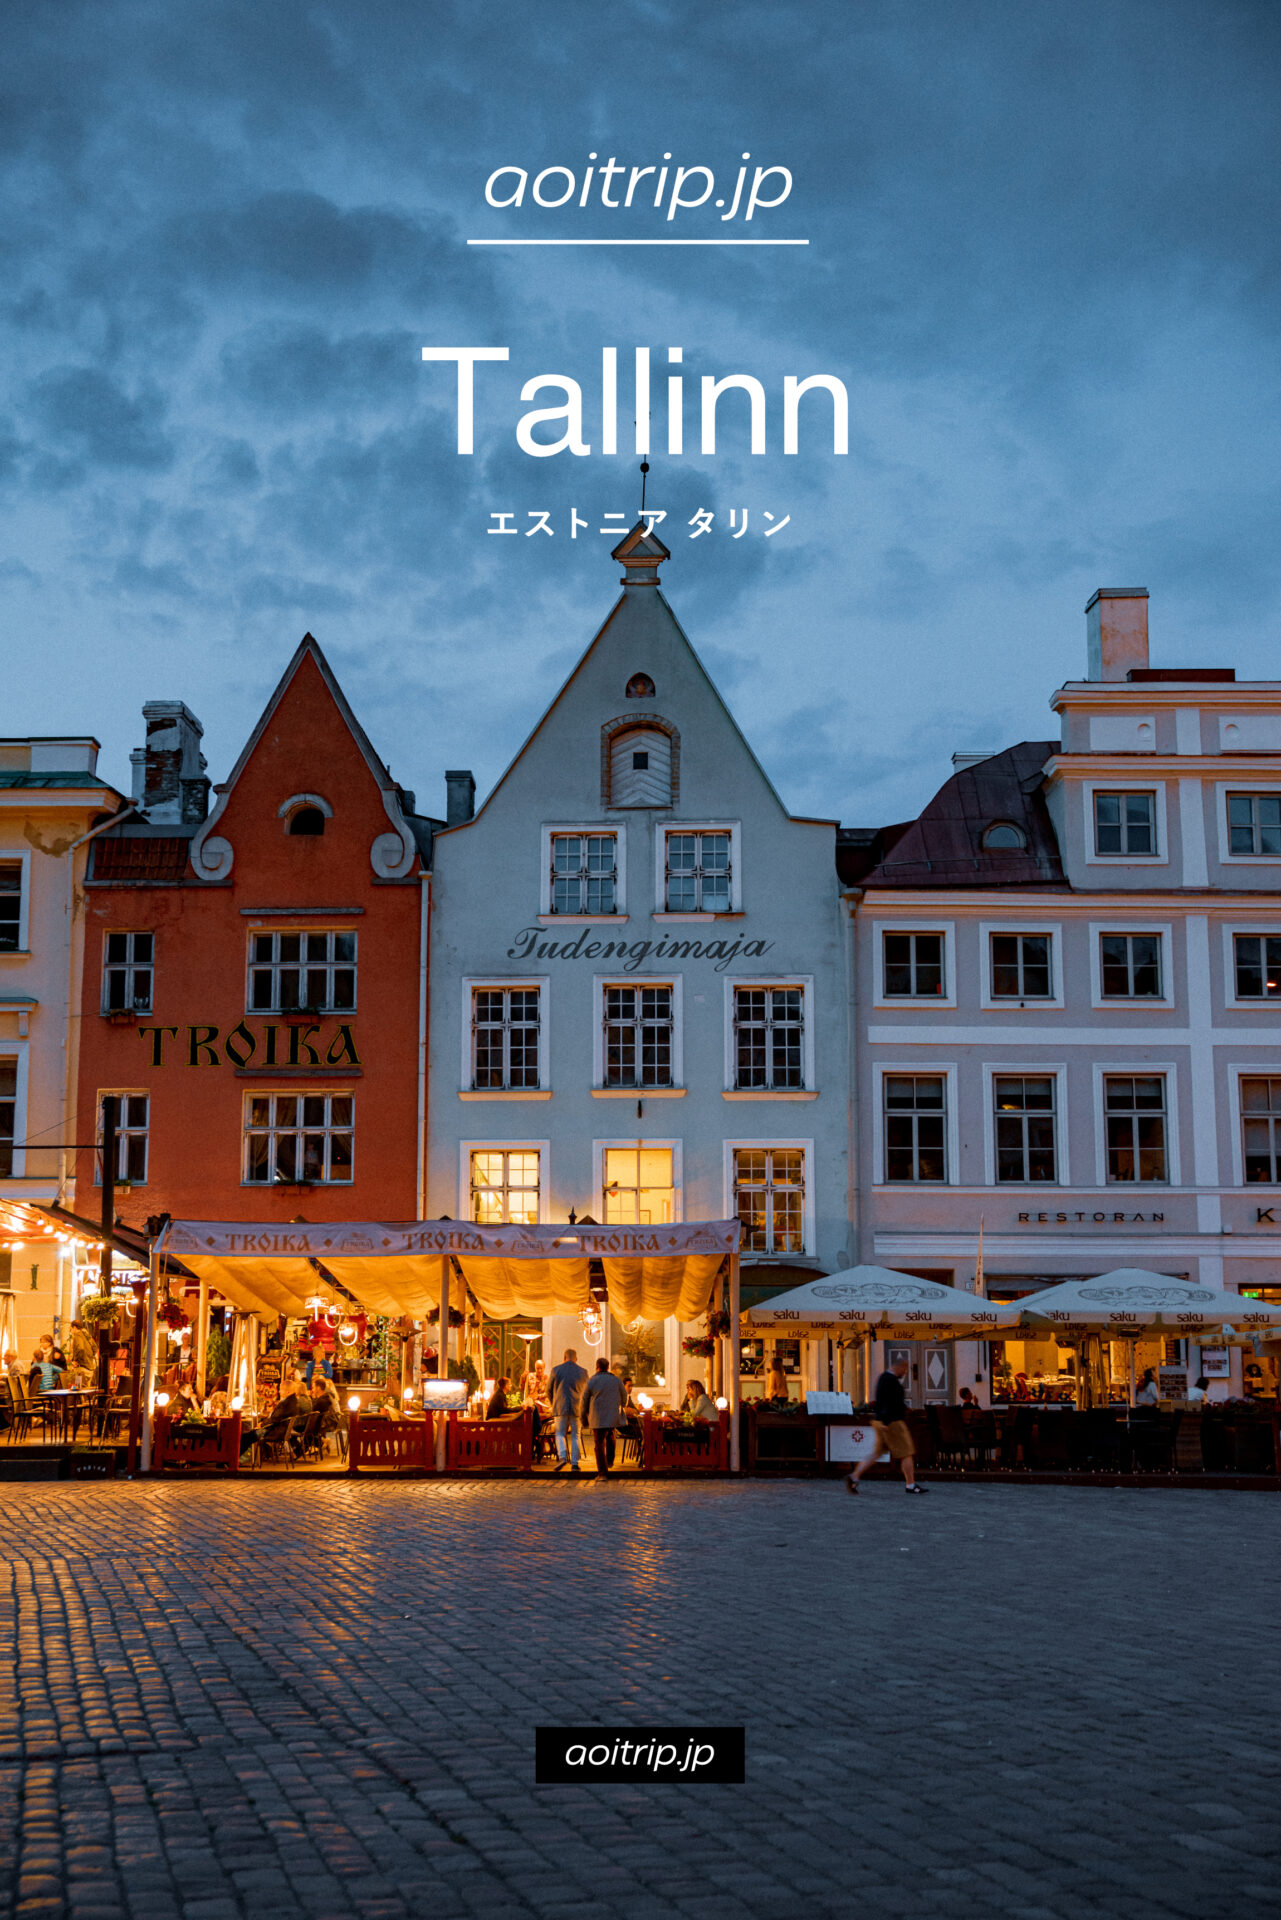 エストニア タリン観光の見どころ 旅行ガイド|Tallinn Travel Guide